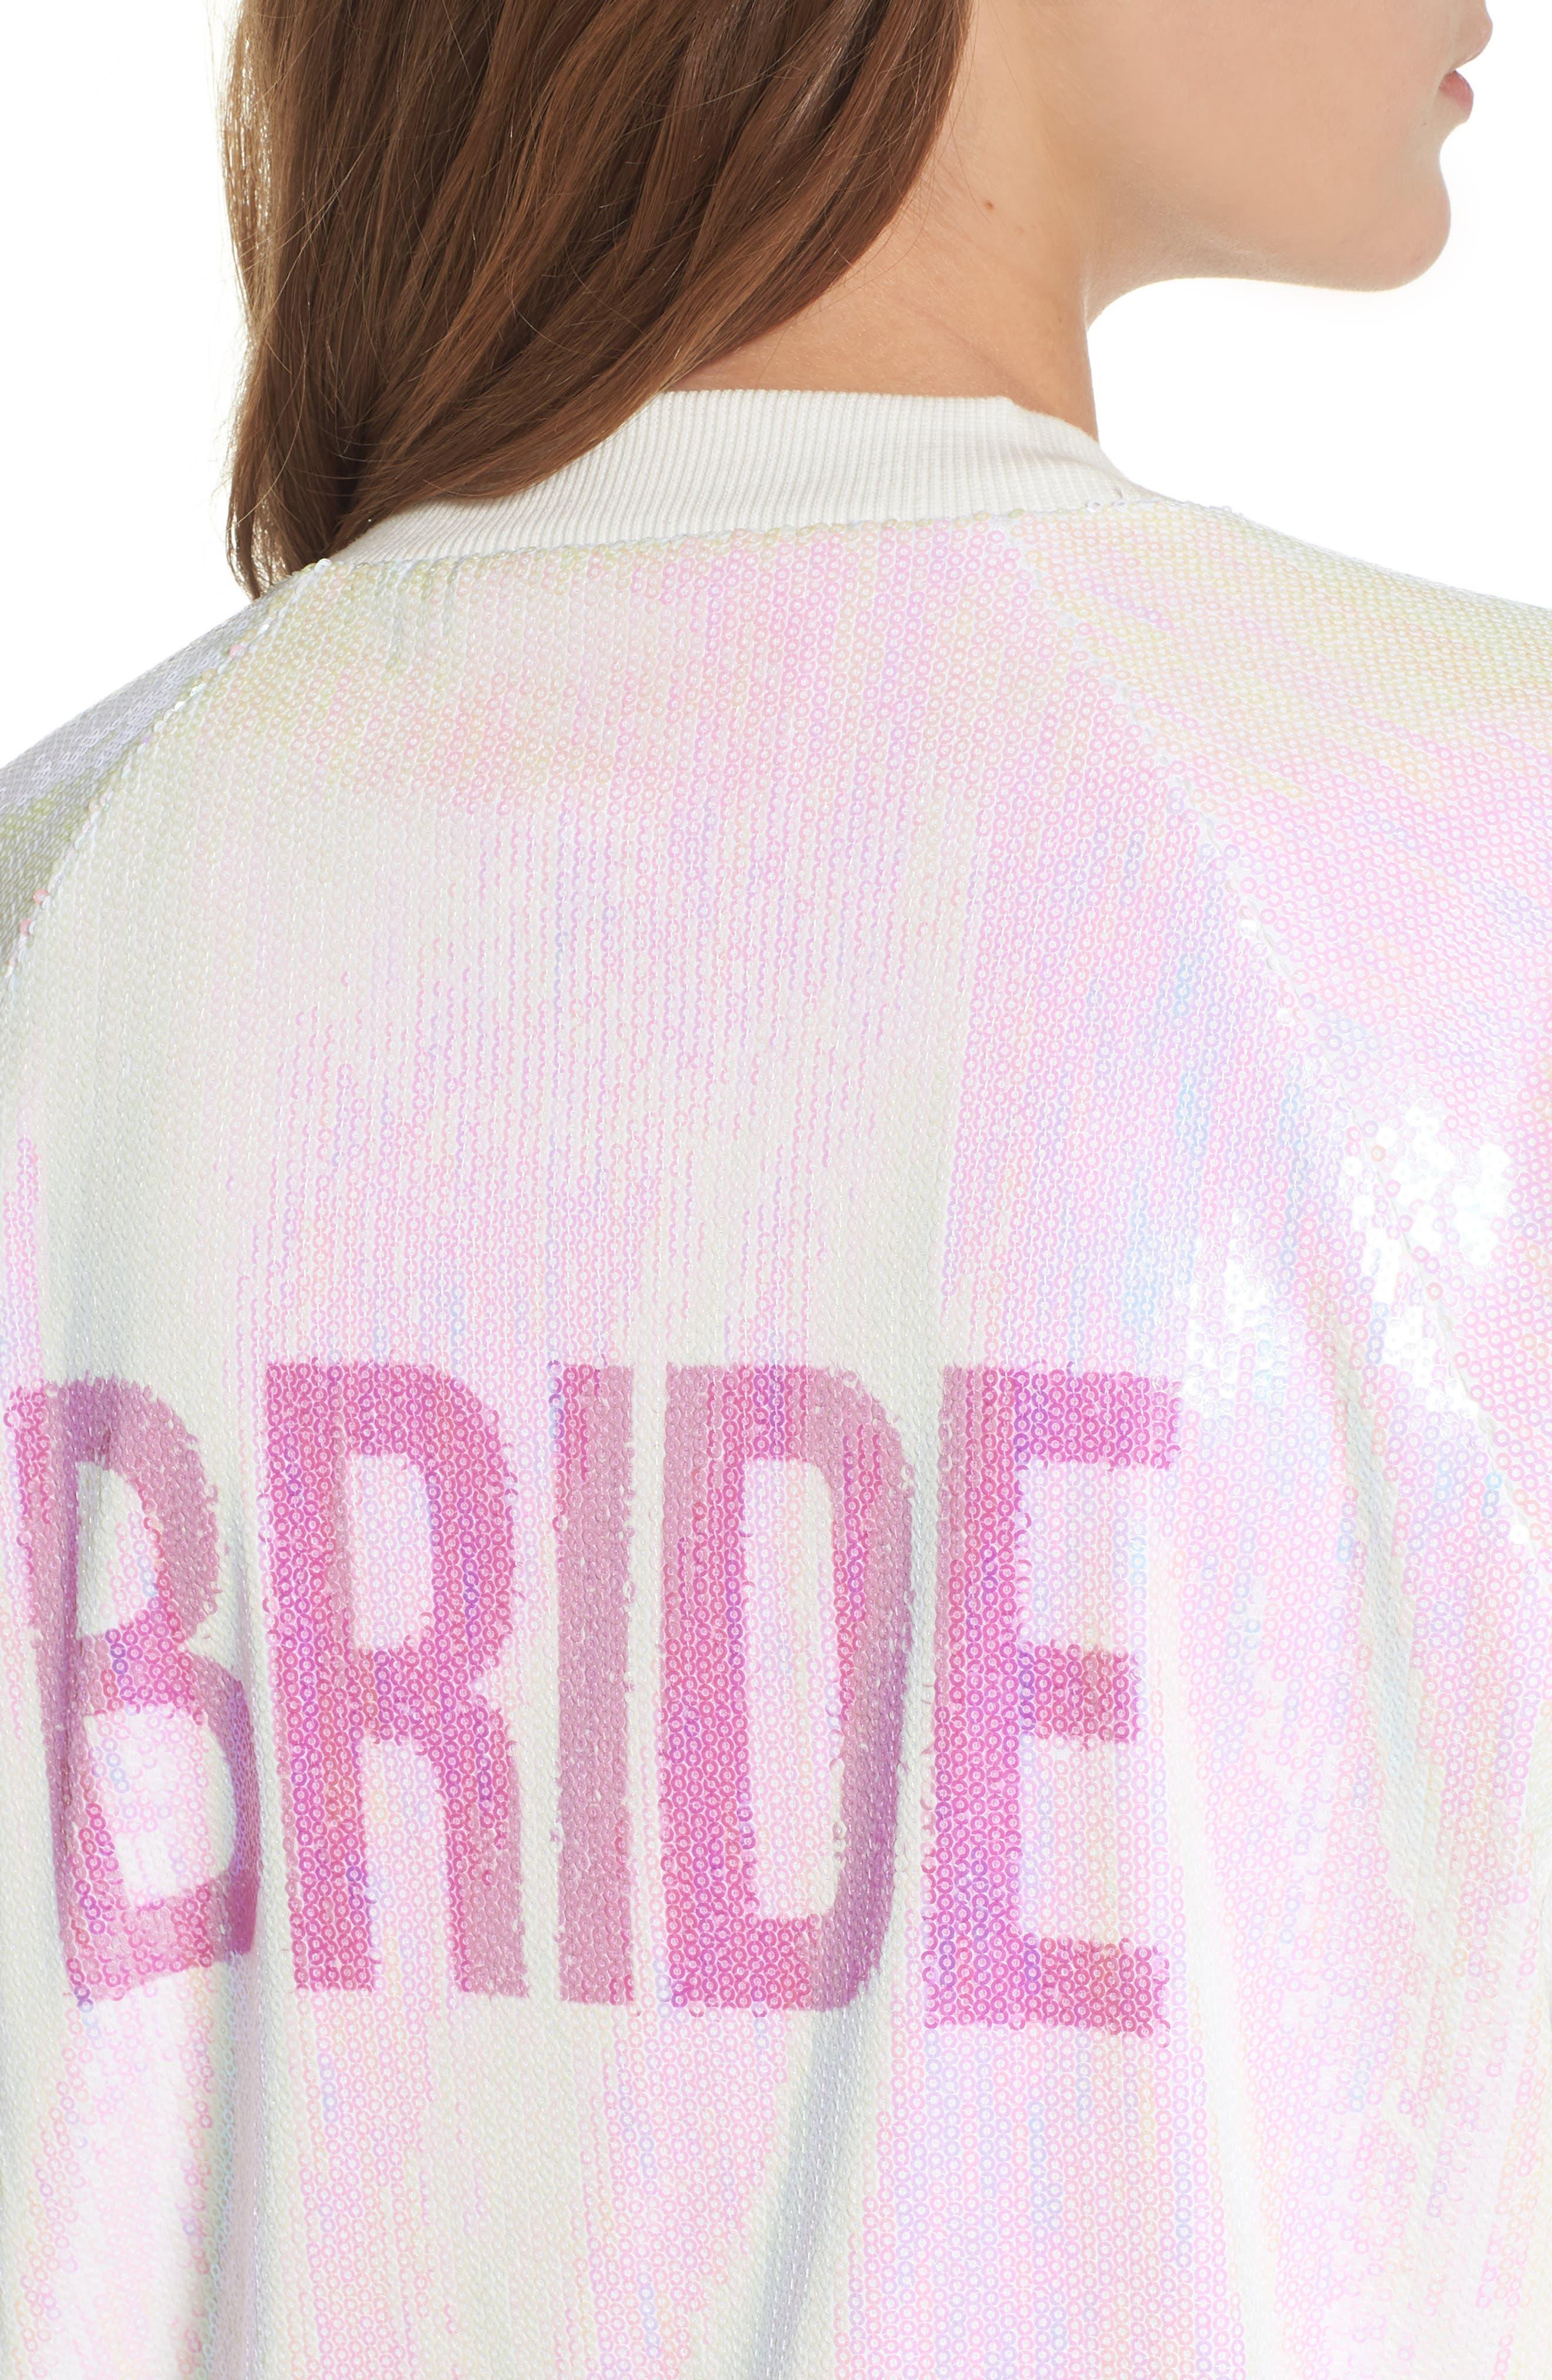 Sparkle Bride Bomber Jacket,                             Alternate thumbnail 4, color,                             Sparkle Bride